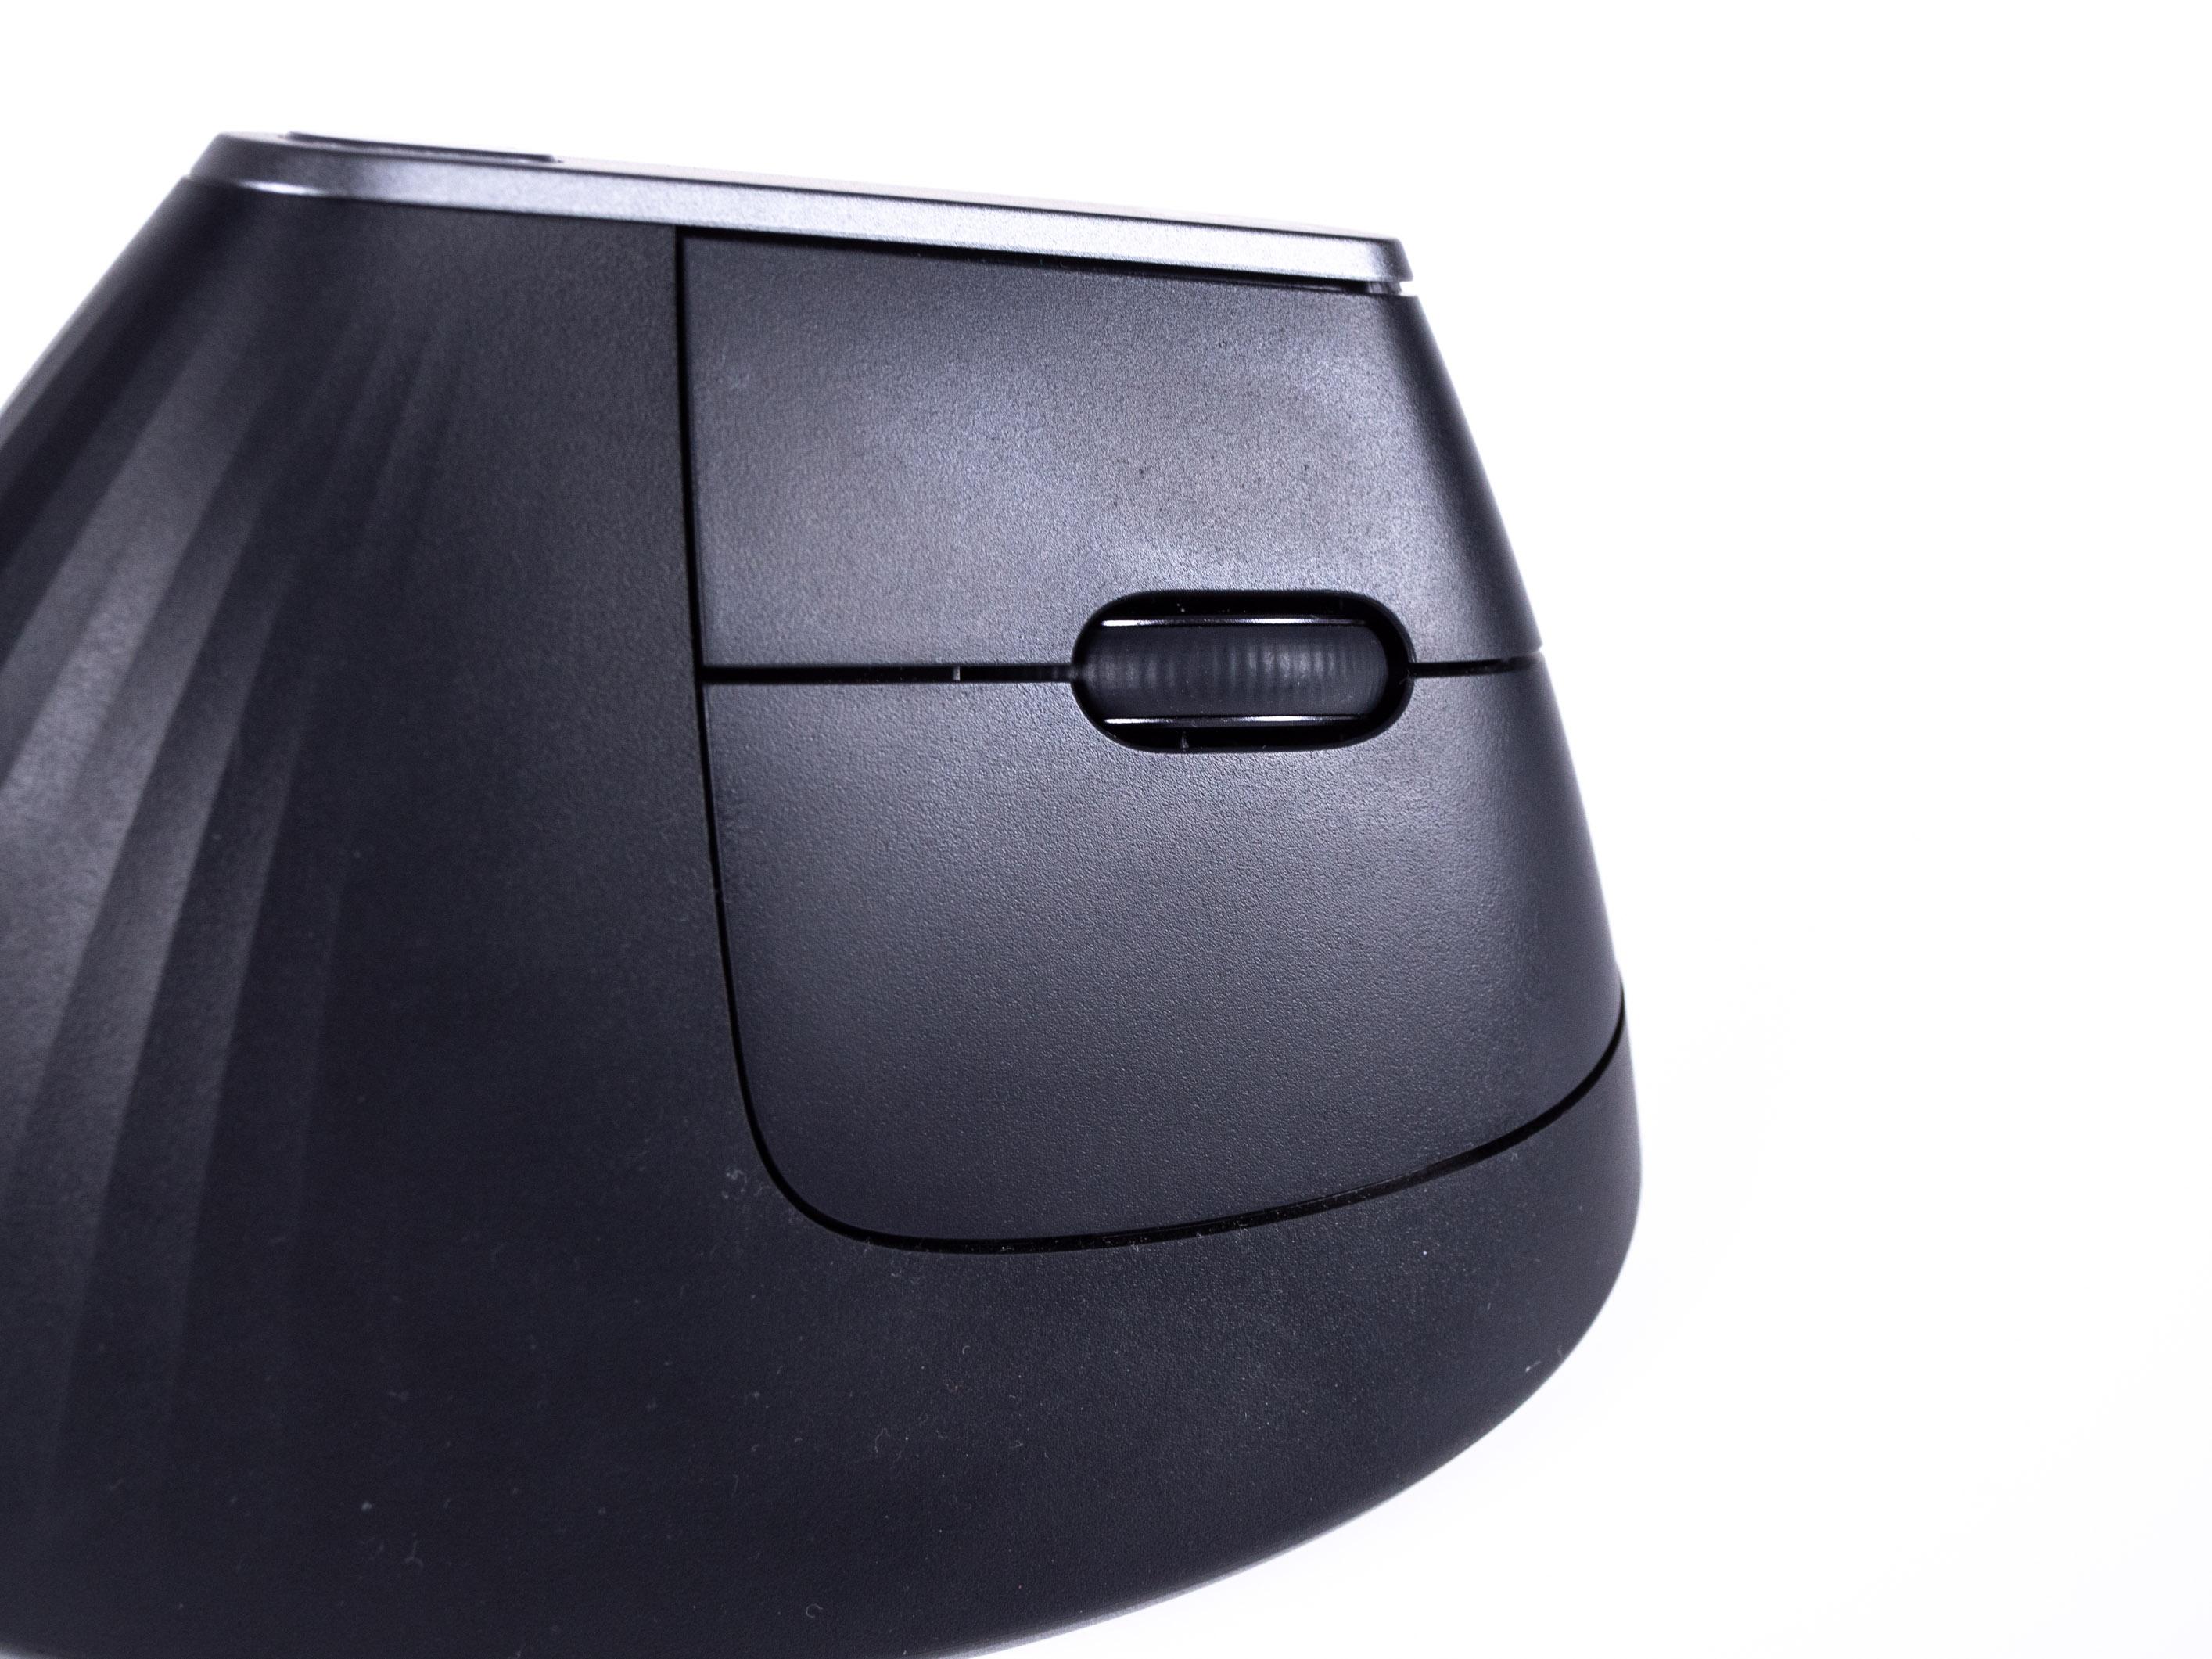 Logitechs MX Vertical im Test: So teuer muss eine gute vertikale Maus nicht sein - Die Basis-Maustasten sind bei der MX Vertical auf der rechten Seite angeordnet. (Bild: Martin Wolf/Golem.de)